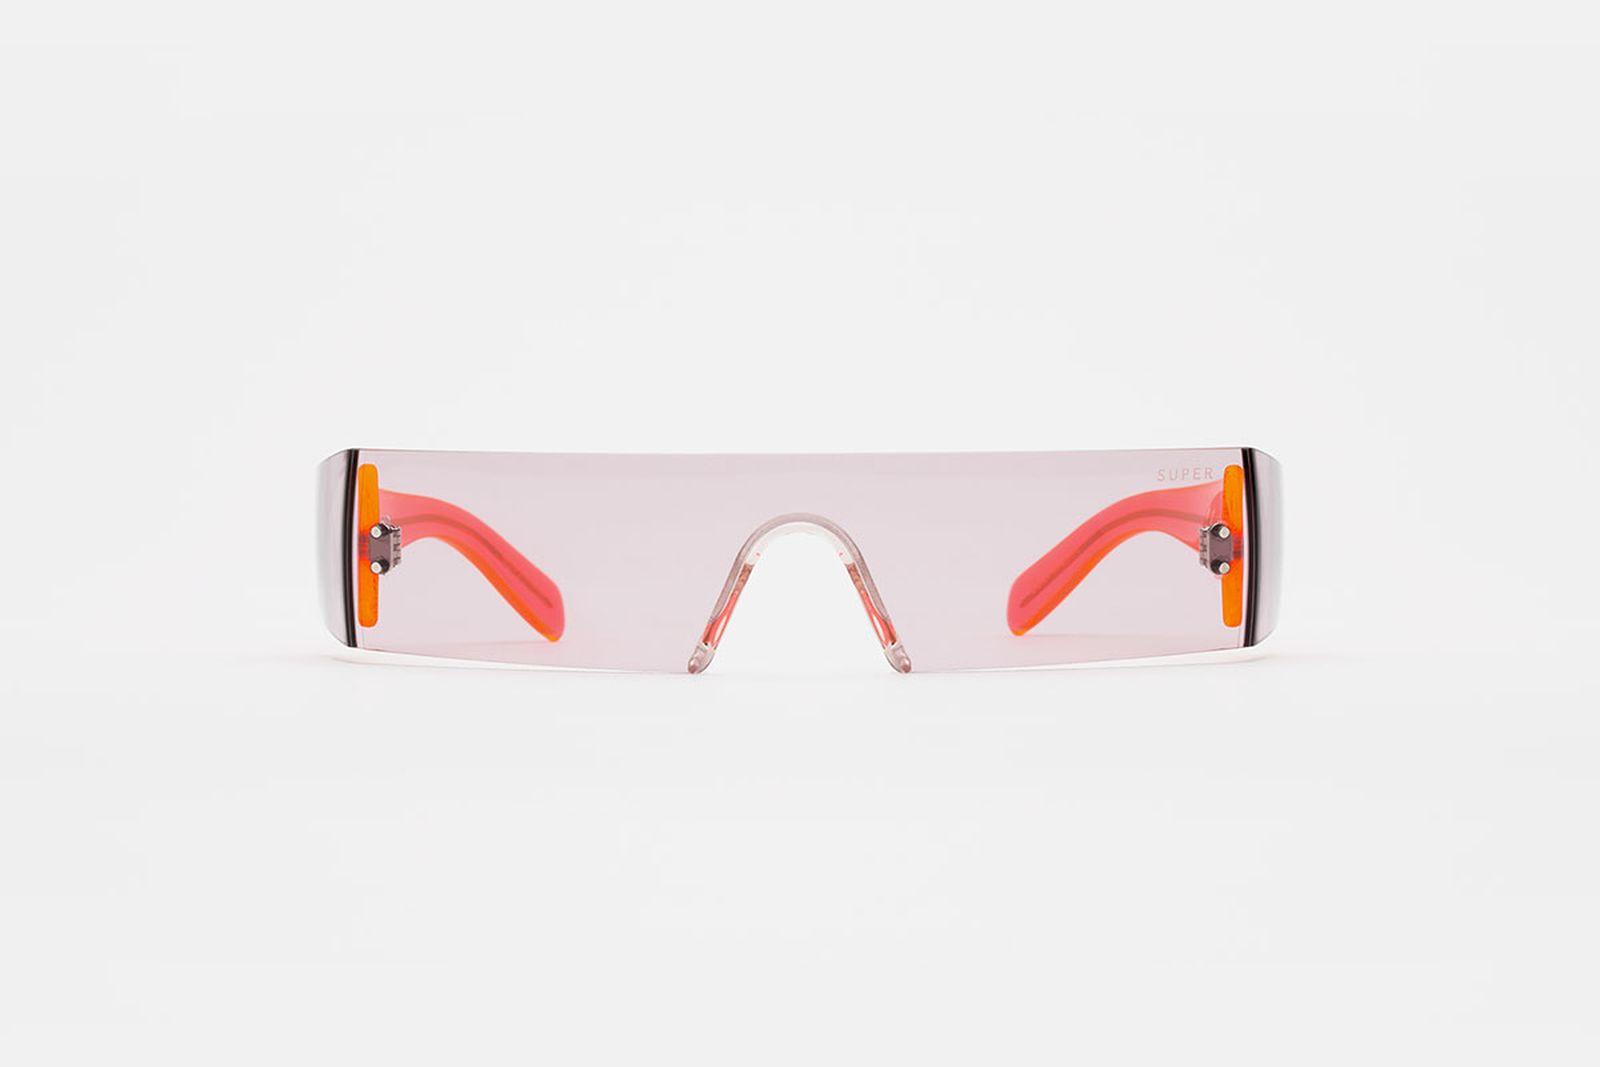 retrosuperfuture vision glasses